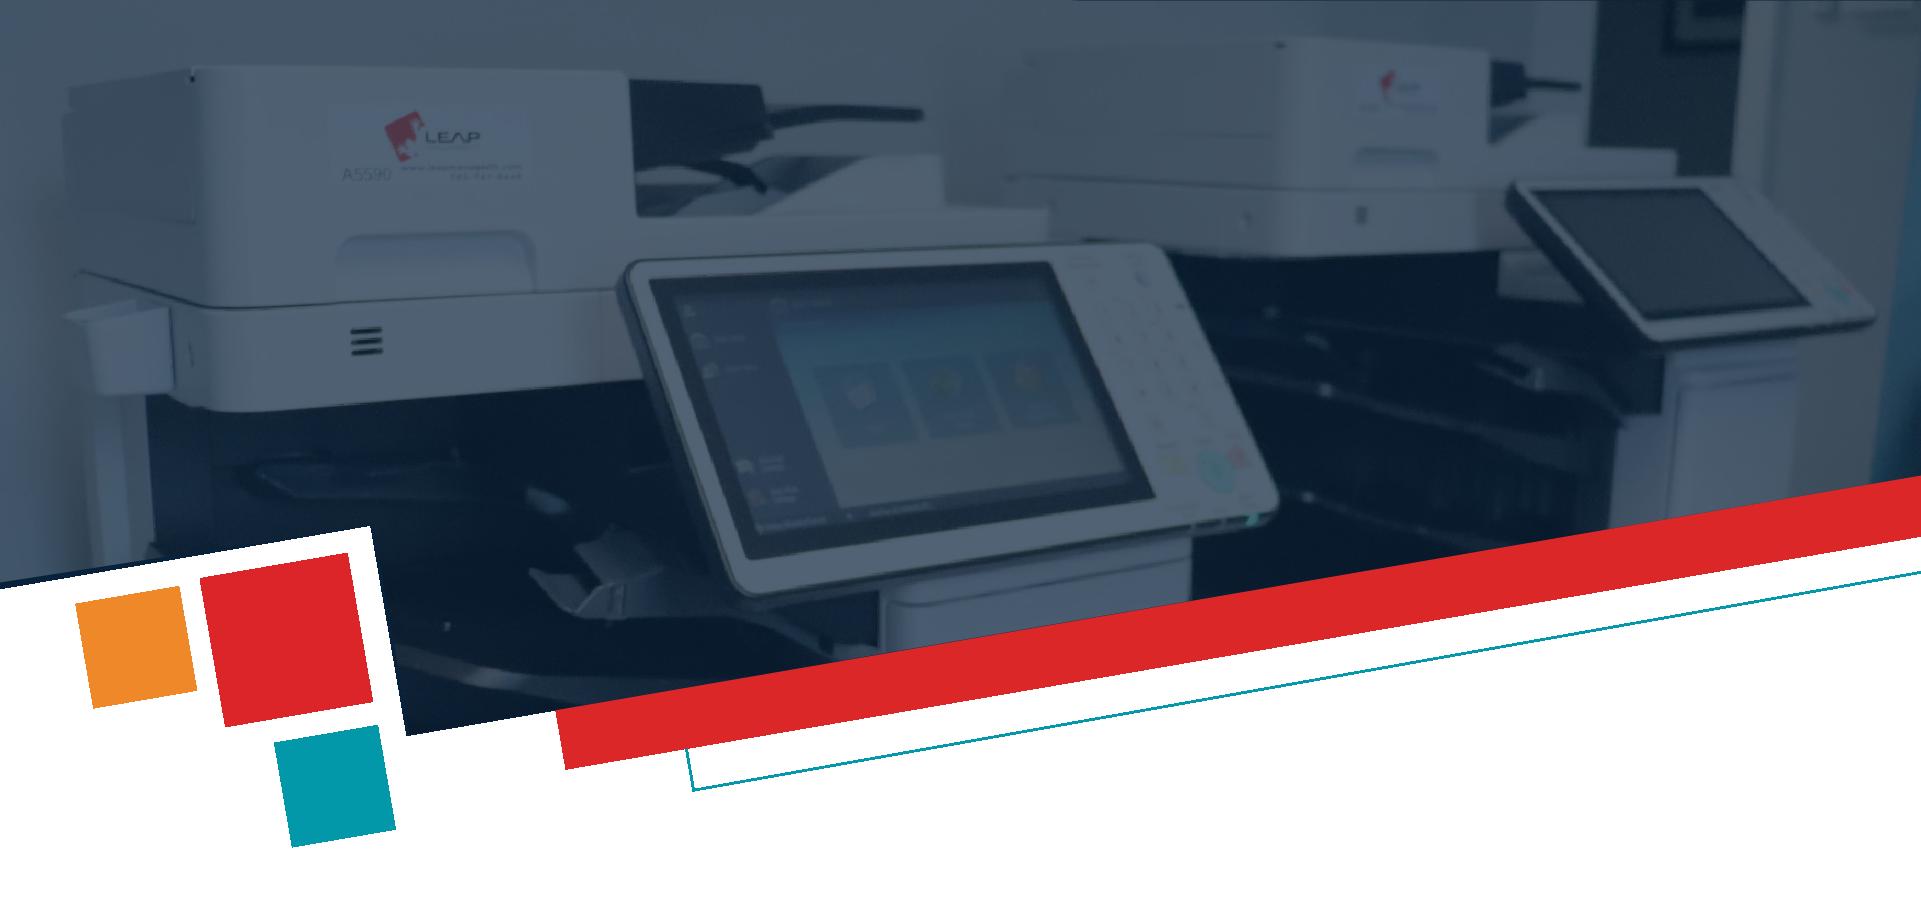 Copier & Printer Support Premier Plan